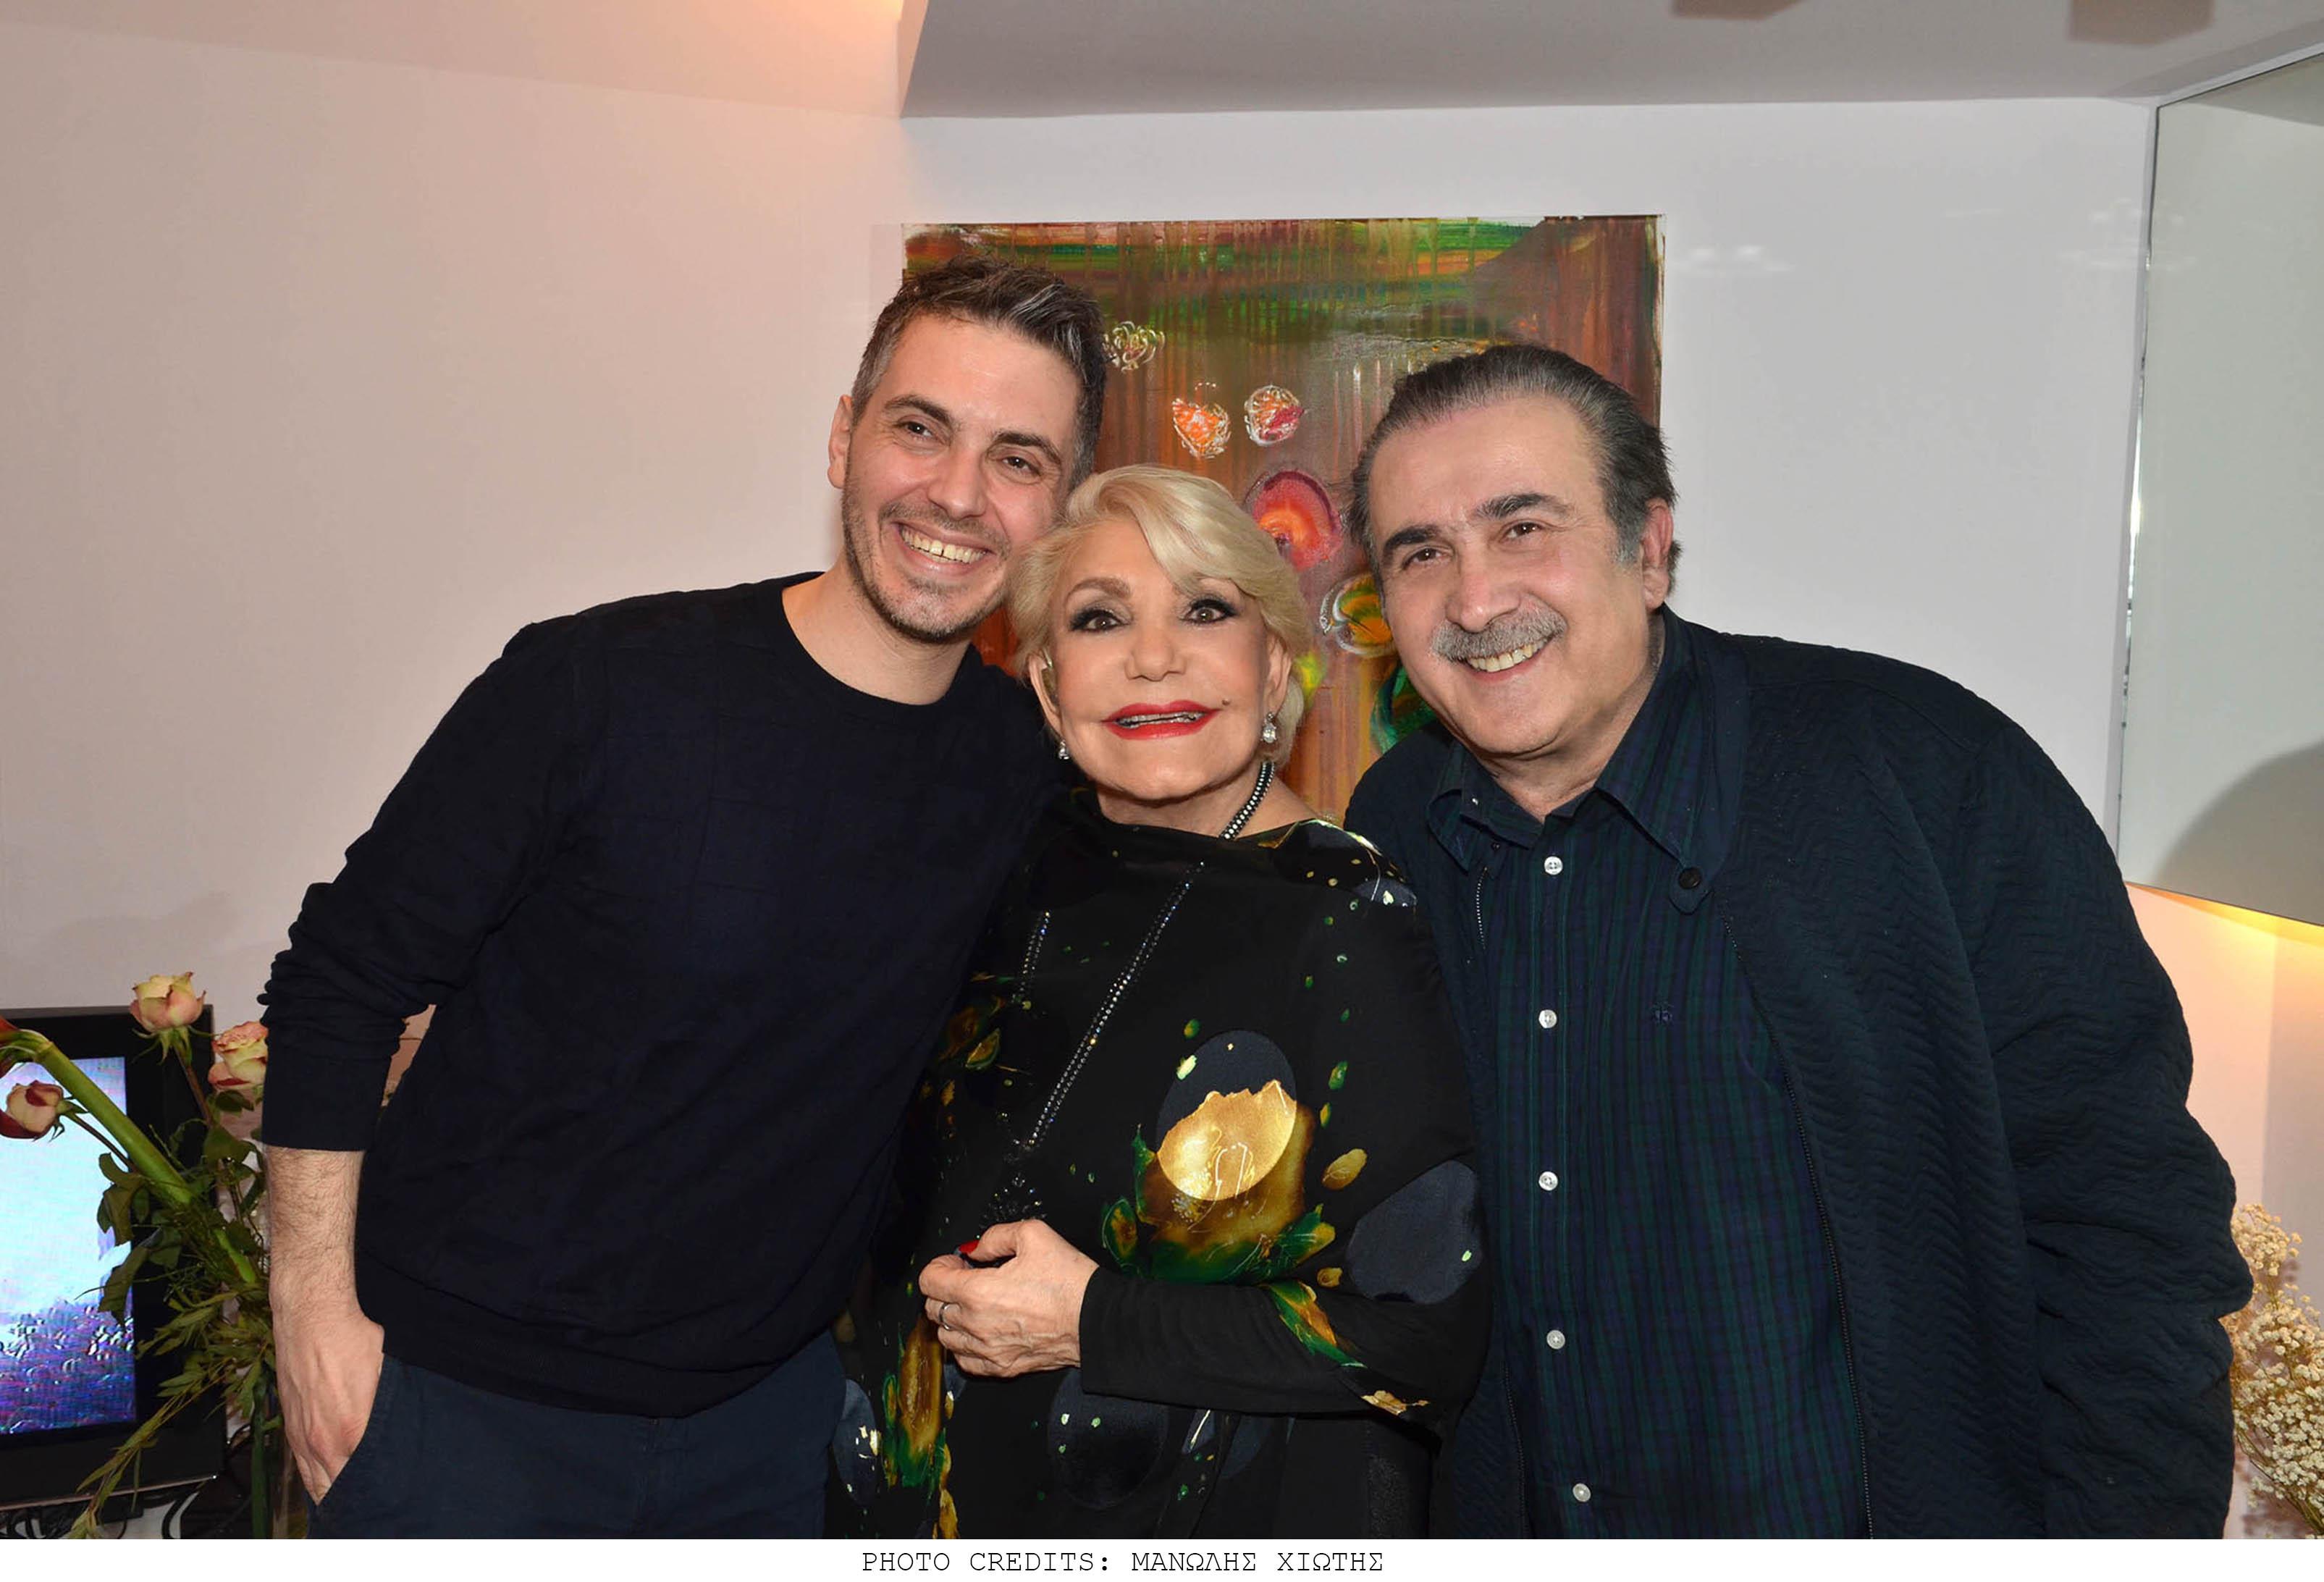 Λάκης Λαζόπουλος, Γιώργος Λιάγκας και Μιχάλης Χατζηγιάννης, διασκέδασαν χθες στη Μαρινέλλα! [pics] | tlife.gr